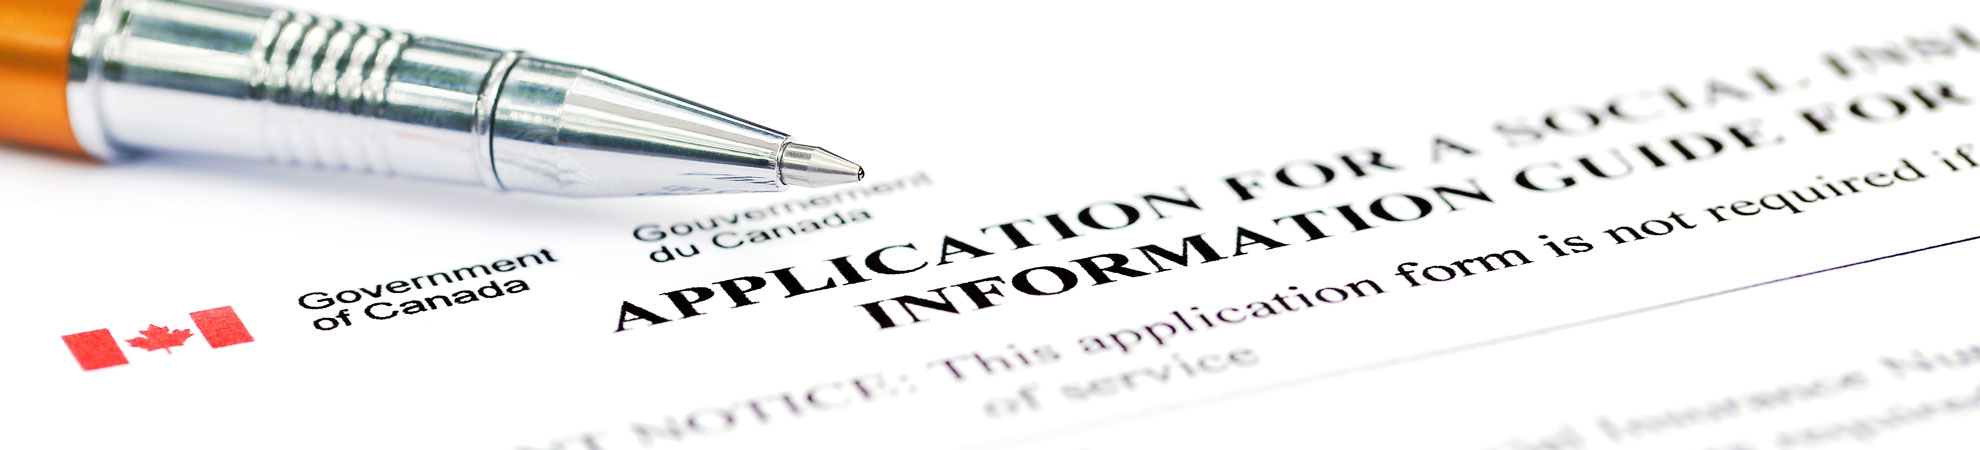 Quelles sont les formalités administratives pour un circuit au Canada ?